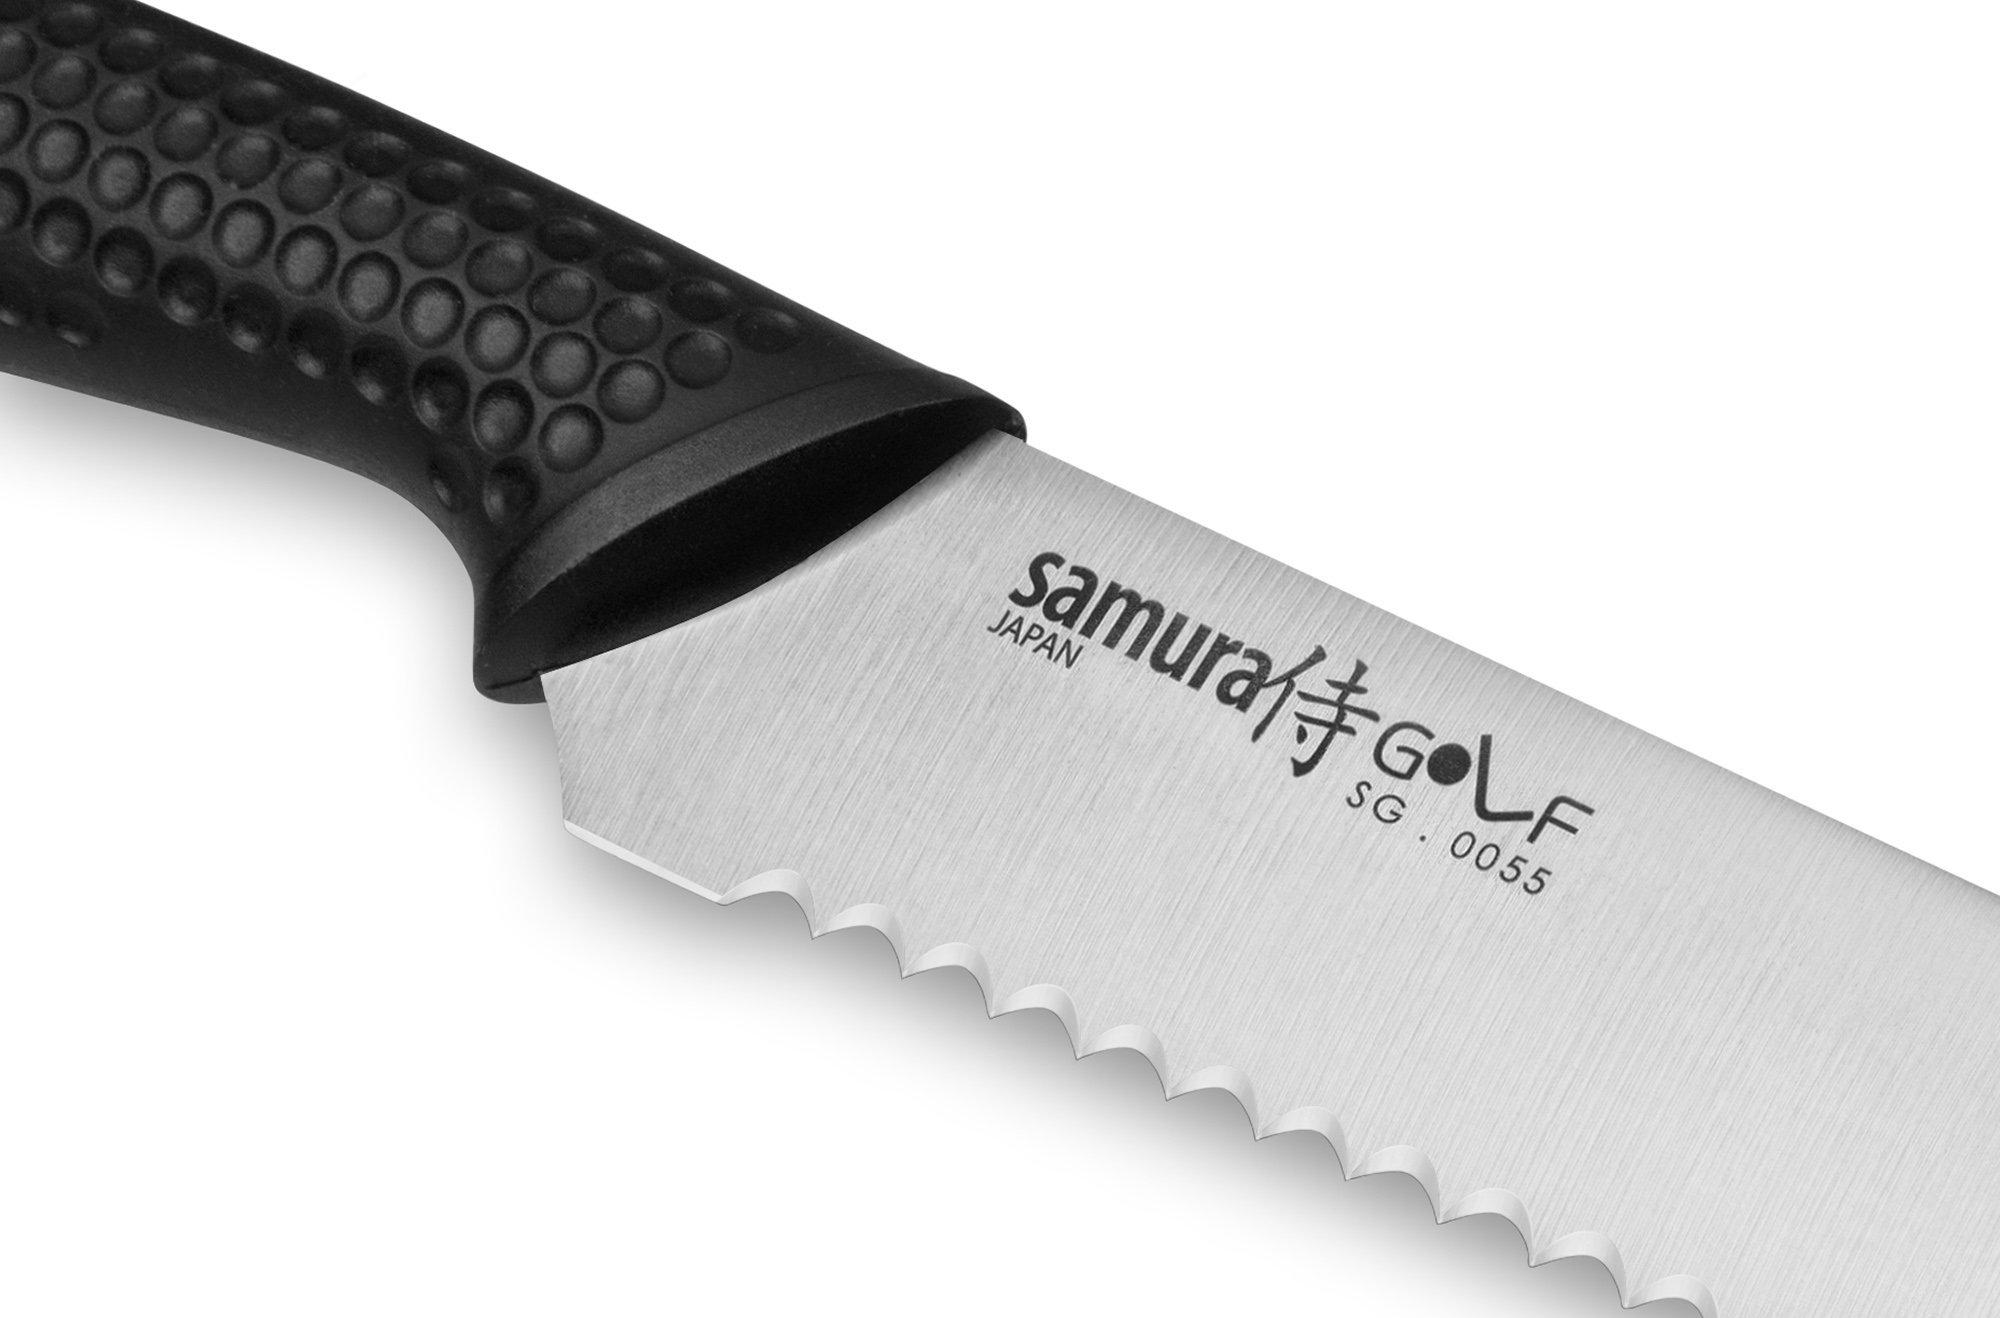 Фото 5 - Нож для хлеба Samura Golf SG-0055/K, сталь AUS-8, рукоять полипропилен